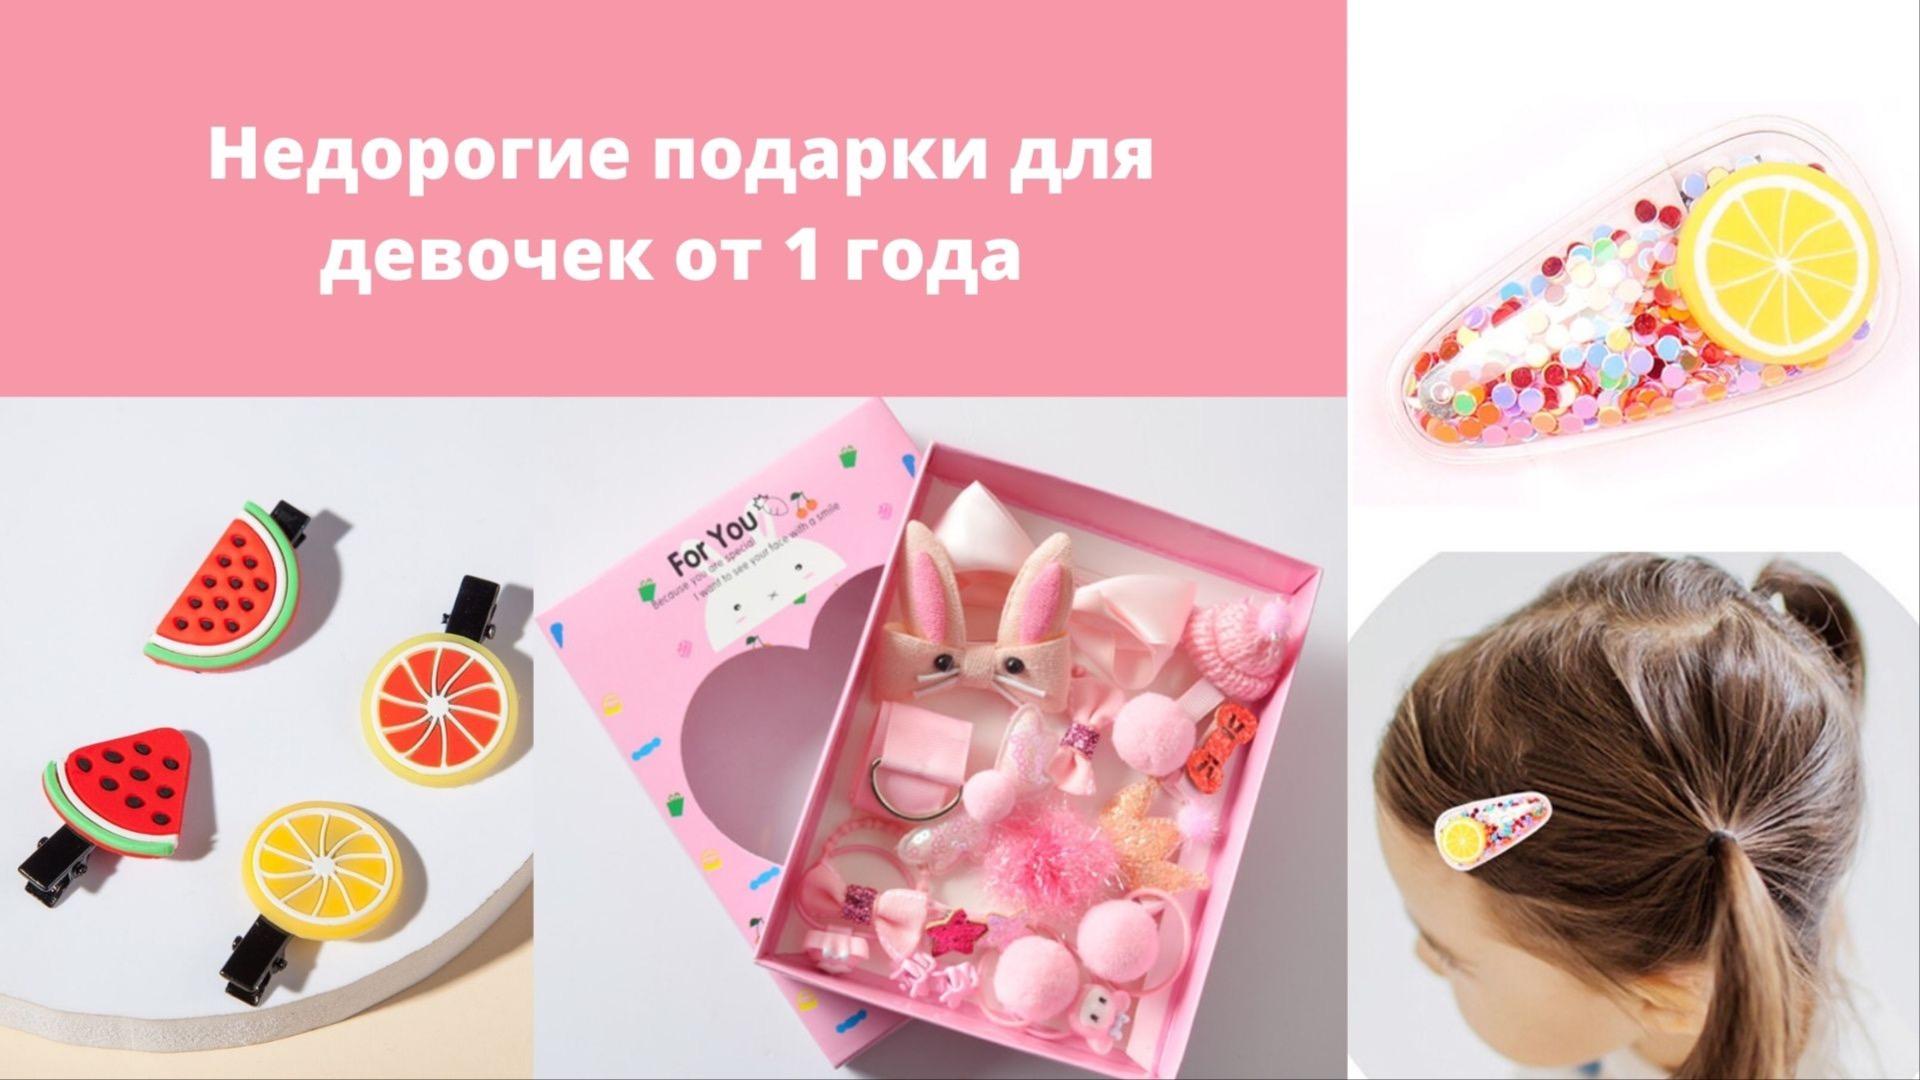 Недорогие подарки для девочек от 1 года